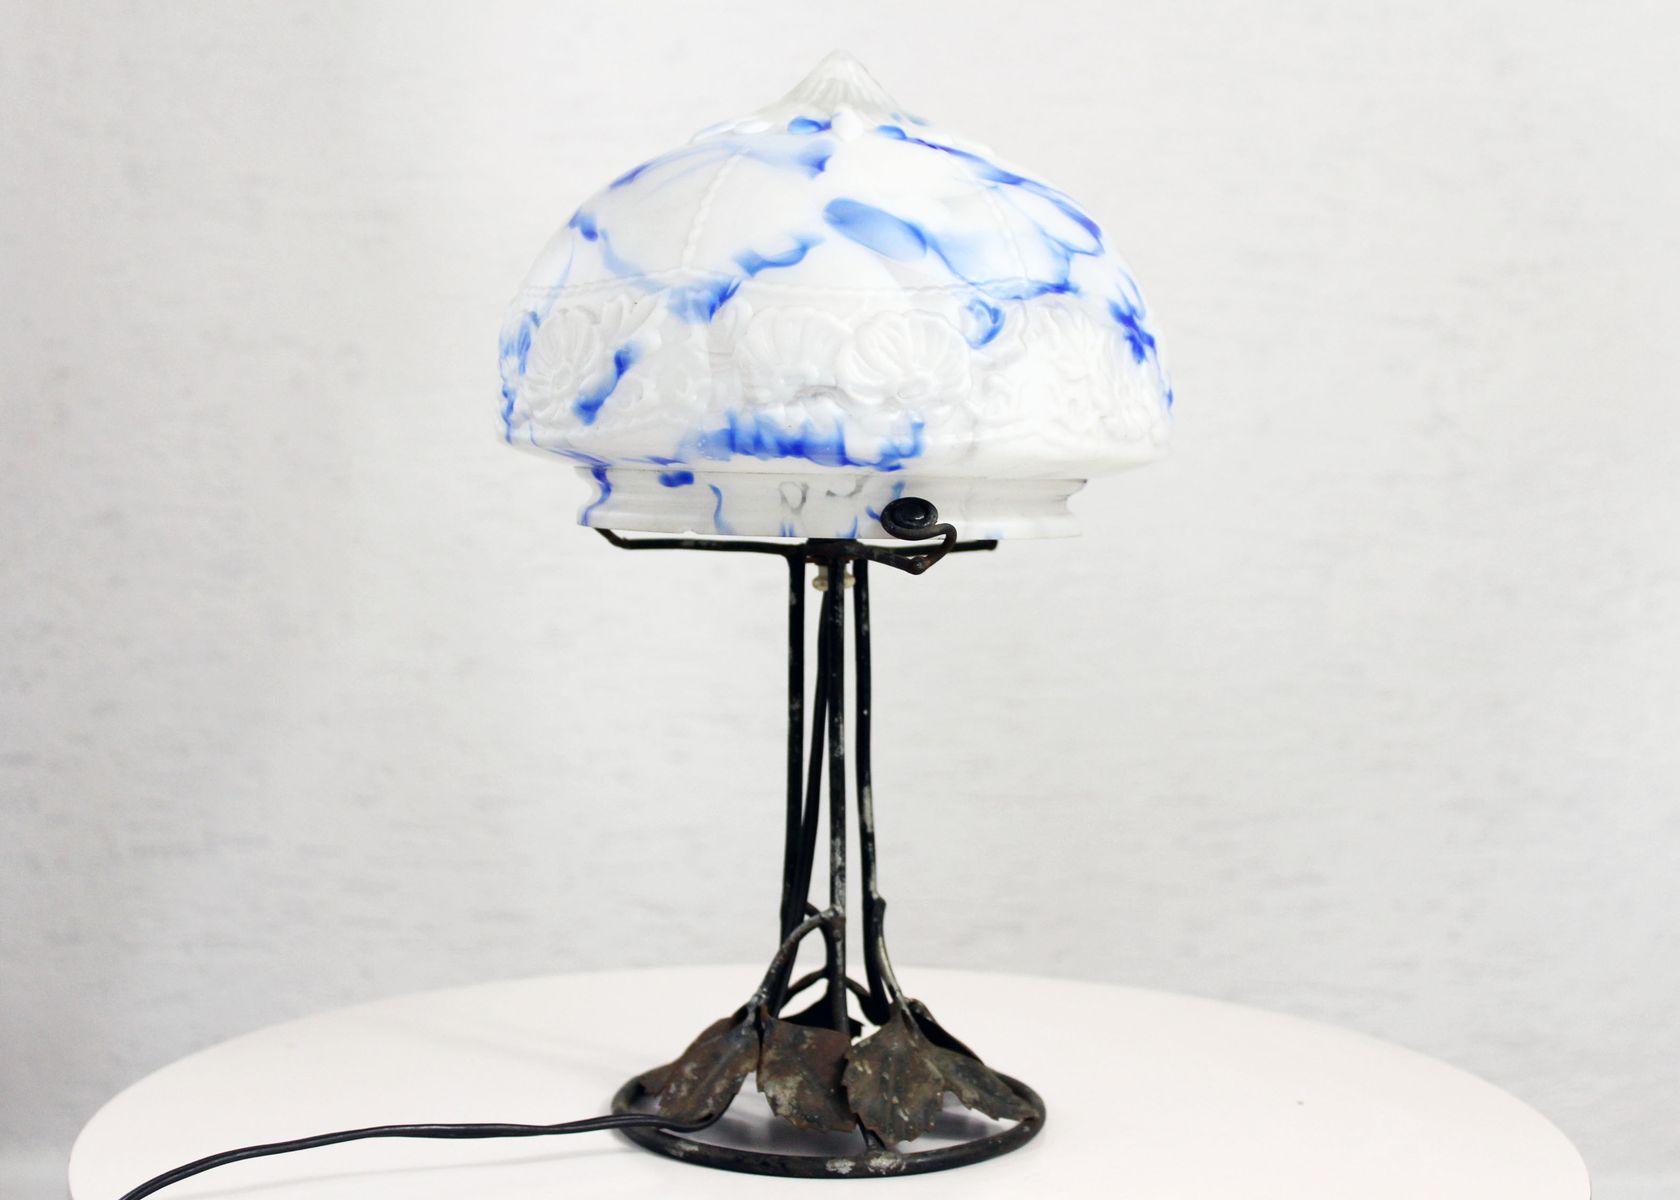 Vintage glass table lamps - Vintage Art Nouveau Pressed Glass Table Lamp 1930s